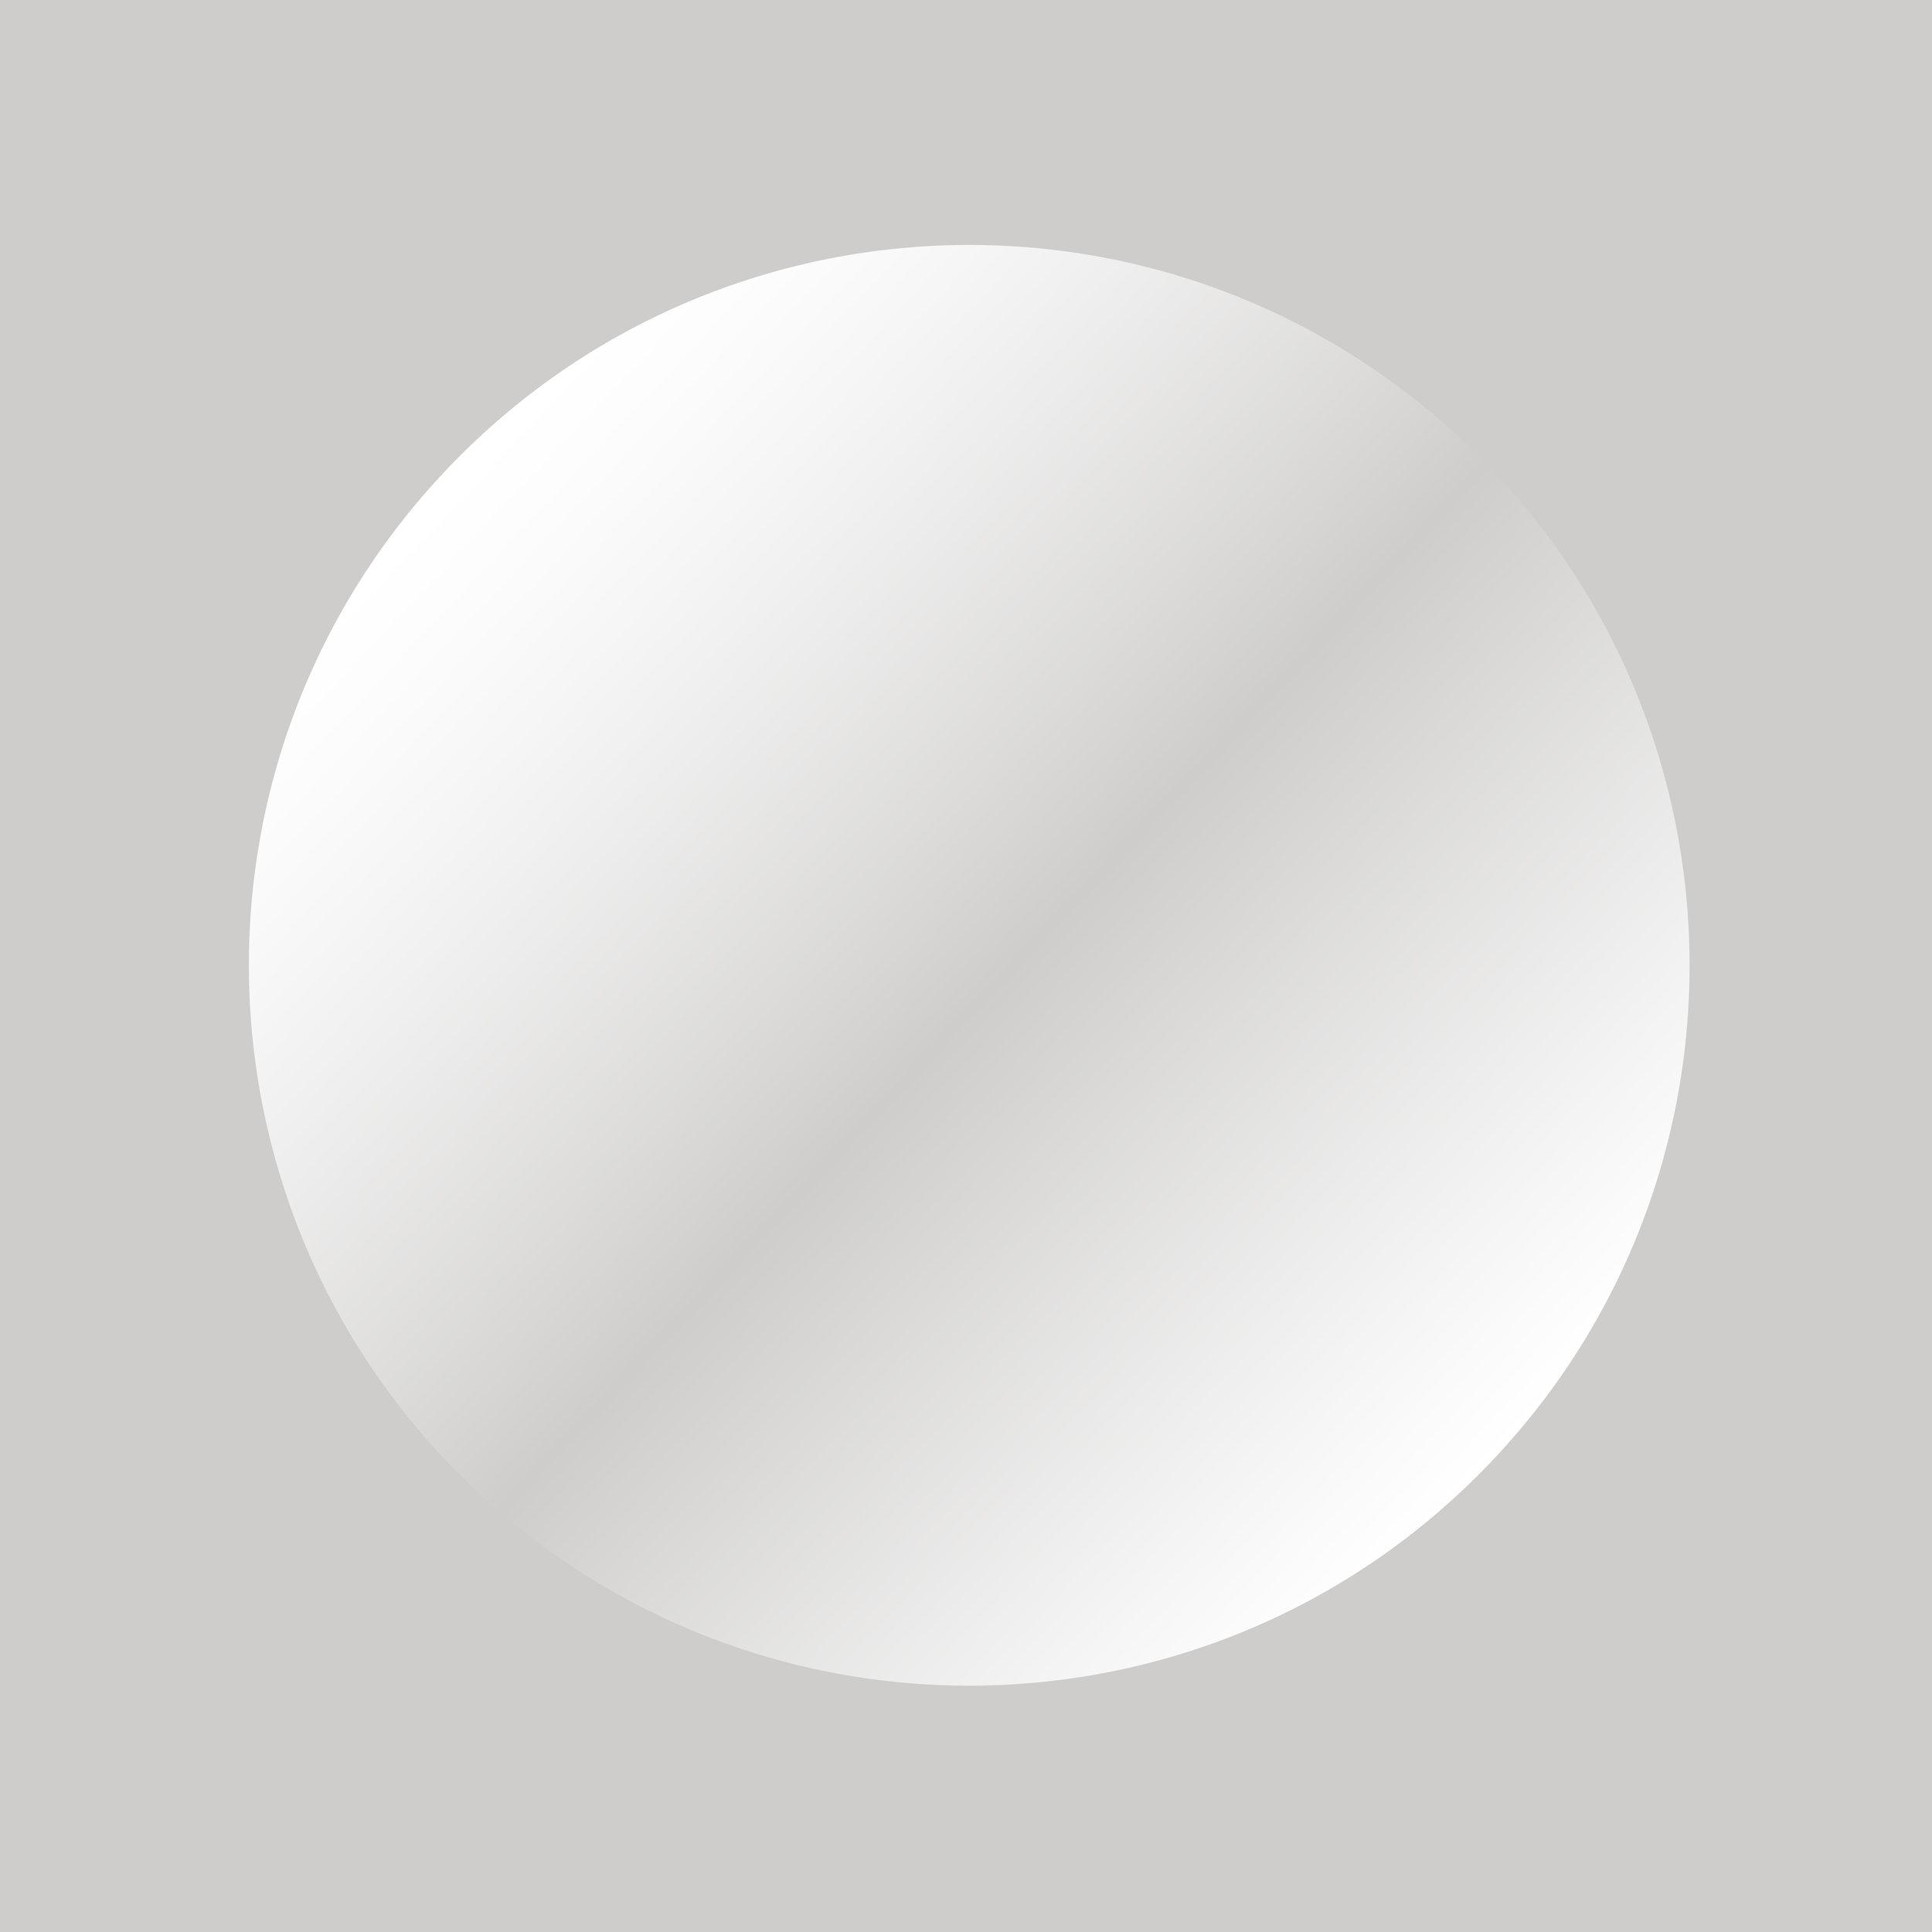 BallPatter_2-30.jpg